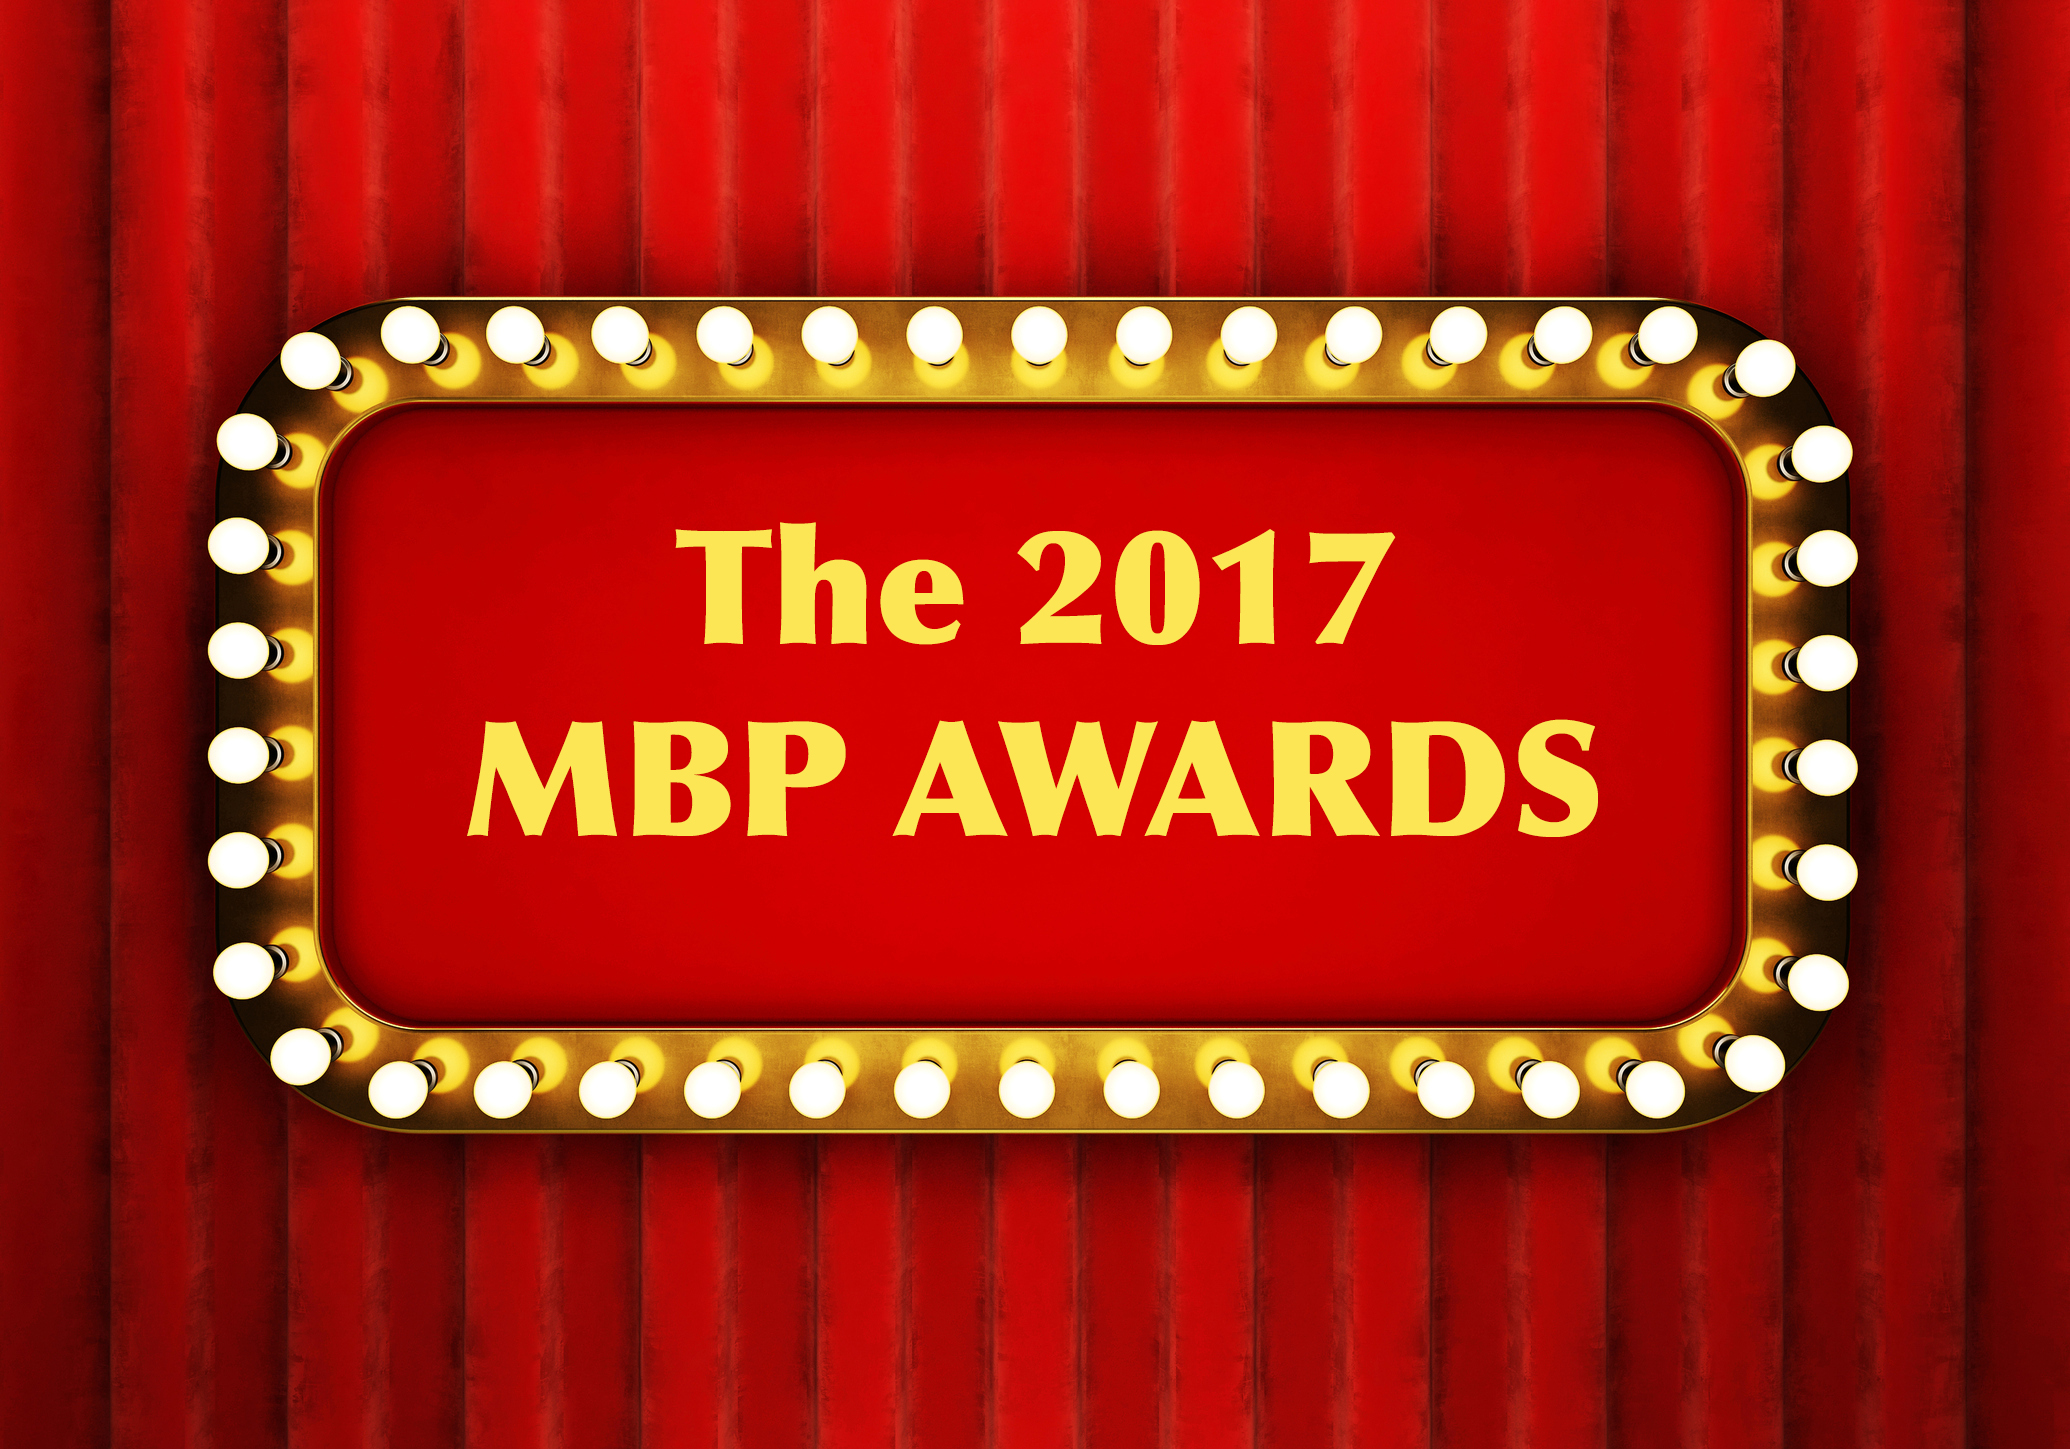 MBP Awards 2017